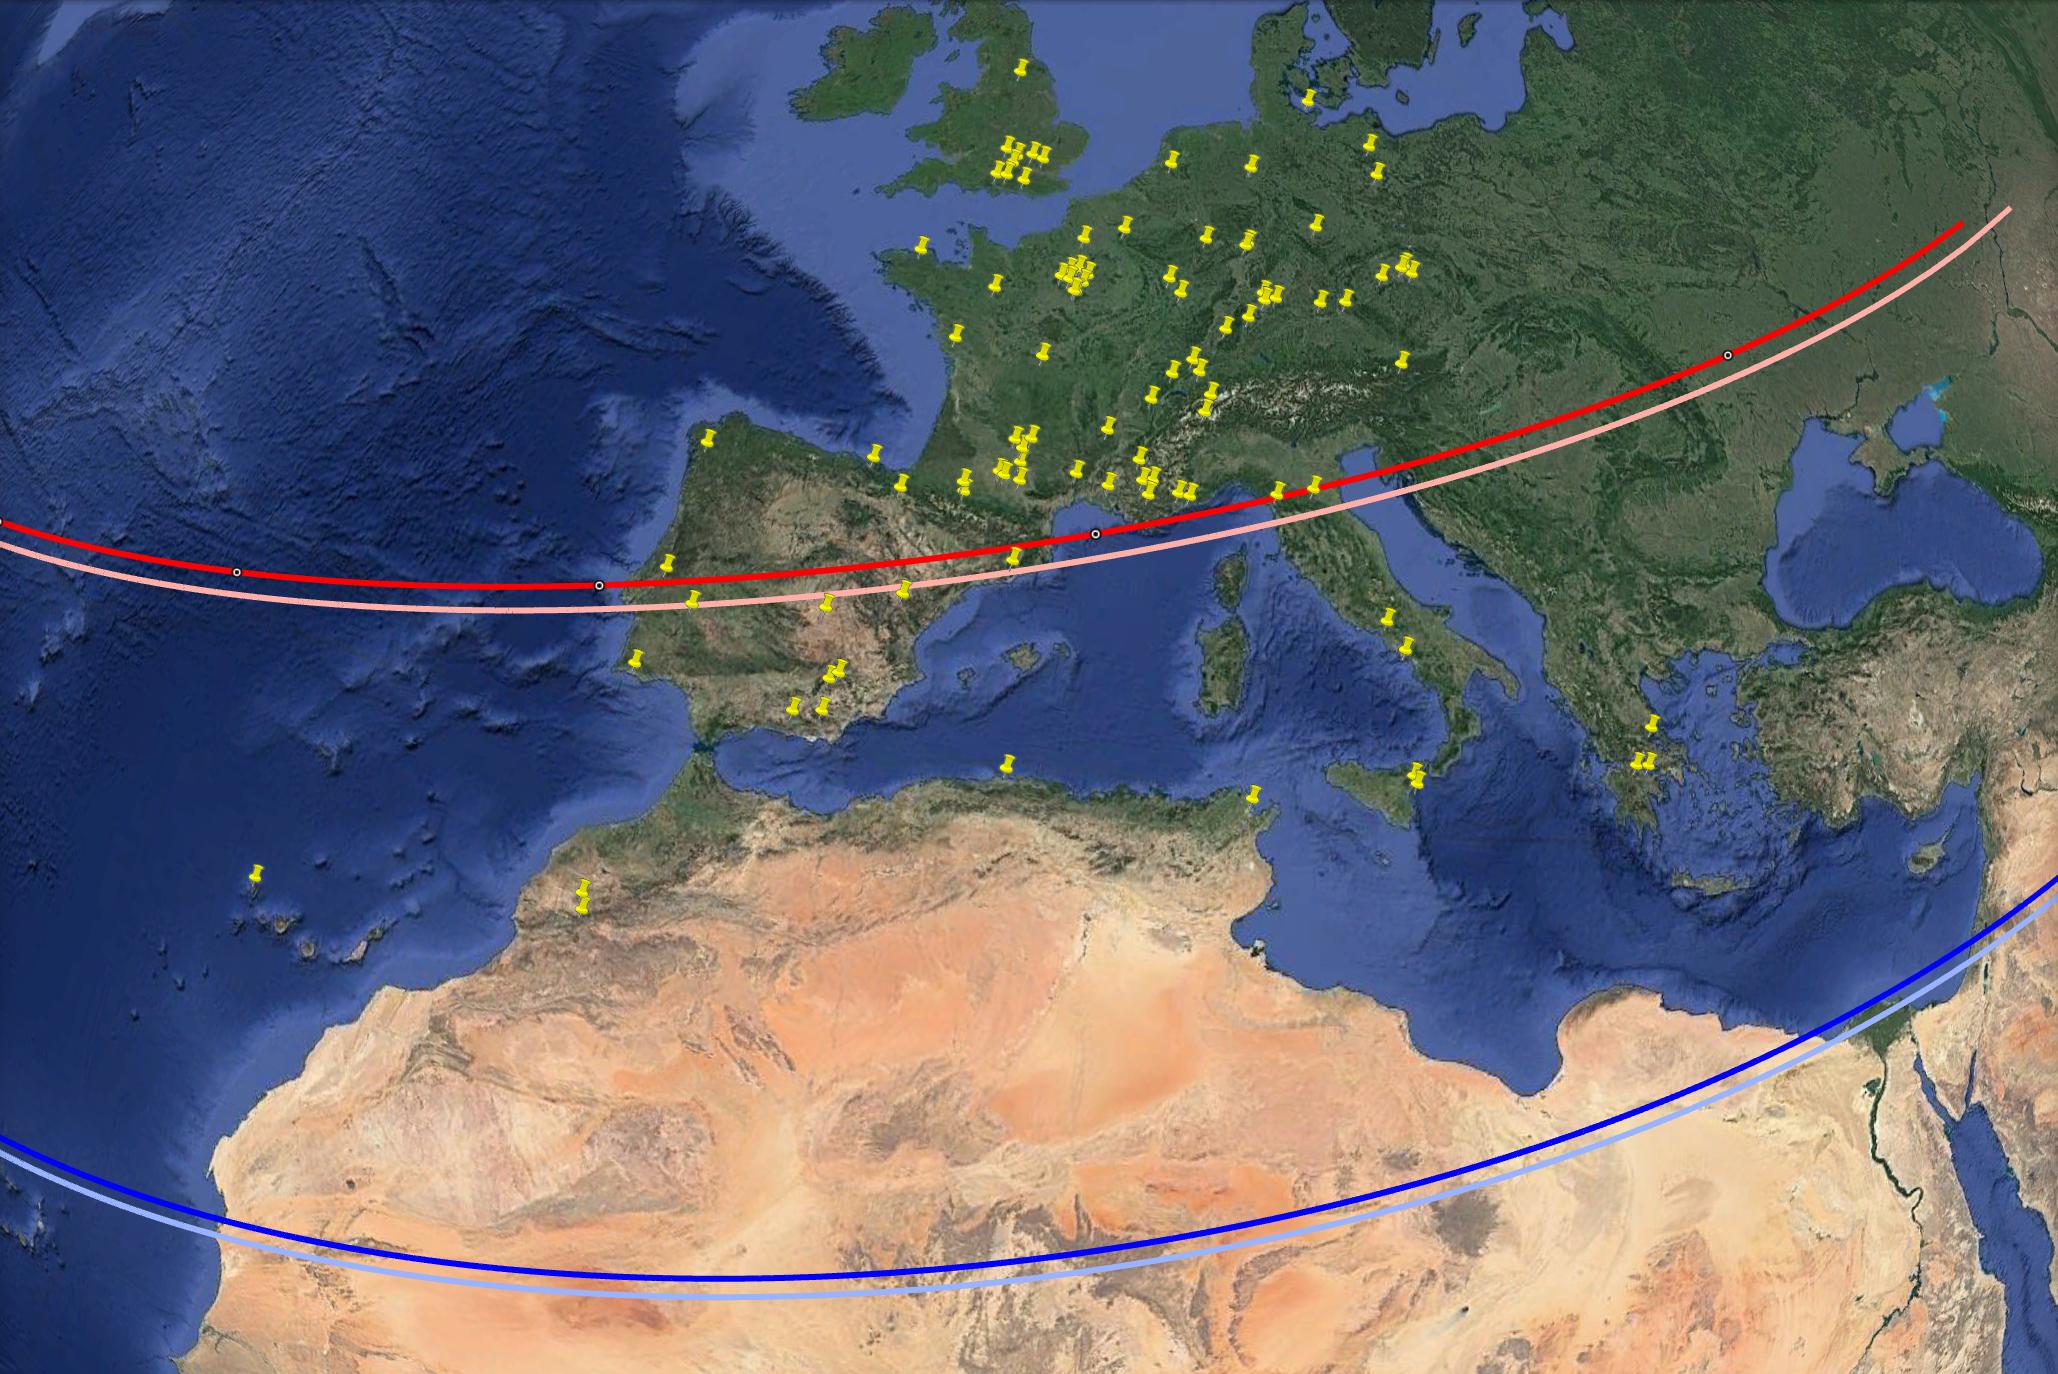 1567214405701-ESA_Gaia_Triton_Map_observations.png